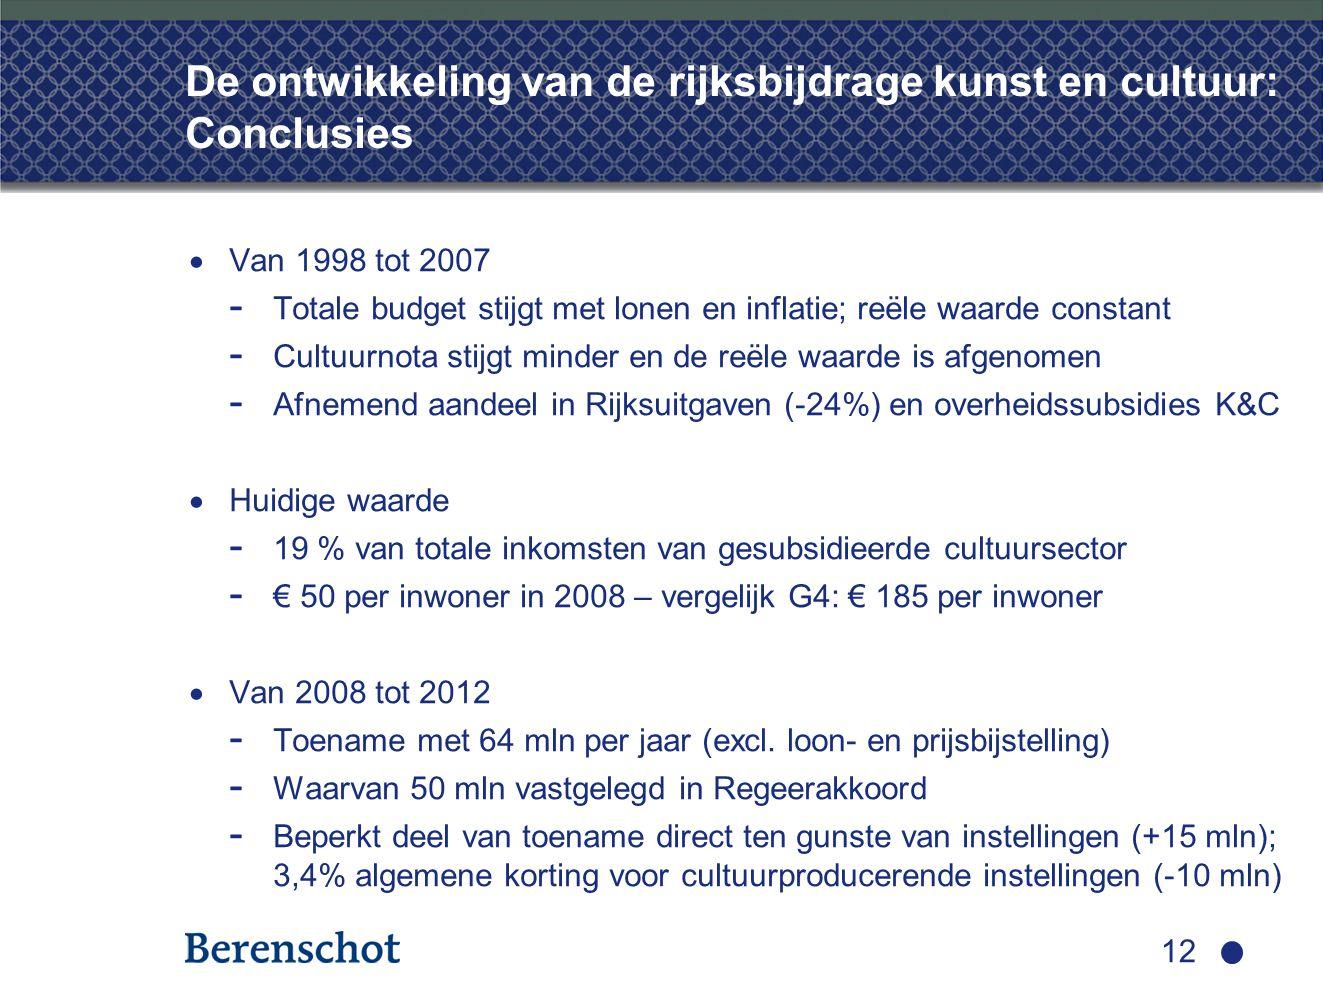 12 De ontwikkeling van de rijksbijdrage kunst en cultuur: Conclusies  Van 1998 tot 2007 - Totale budget stijgt met lonen en inflatie; reële waarde constant - Cultuurnota stijgt minder en de reële waarde is afgenomen - Afnemend aandeel in Rijksuitgaven (-24%) en overheidssubsidies K&C  Huidige waarde - 19 % van totale inkomsten van gesubsidieerde cultuursector - € 50 per inwoner in 2008 – vergelijk G4: € 185 per inwoner  Van 2008 tot 2012 - Toename met 64 mln per jaar (excl.